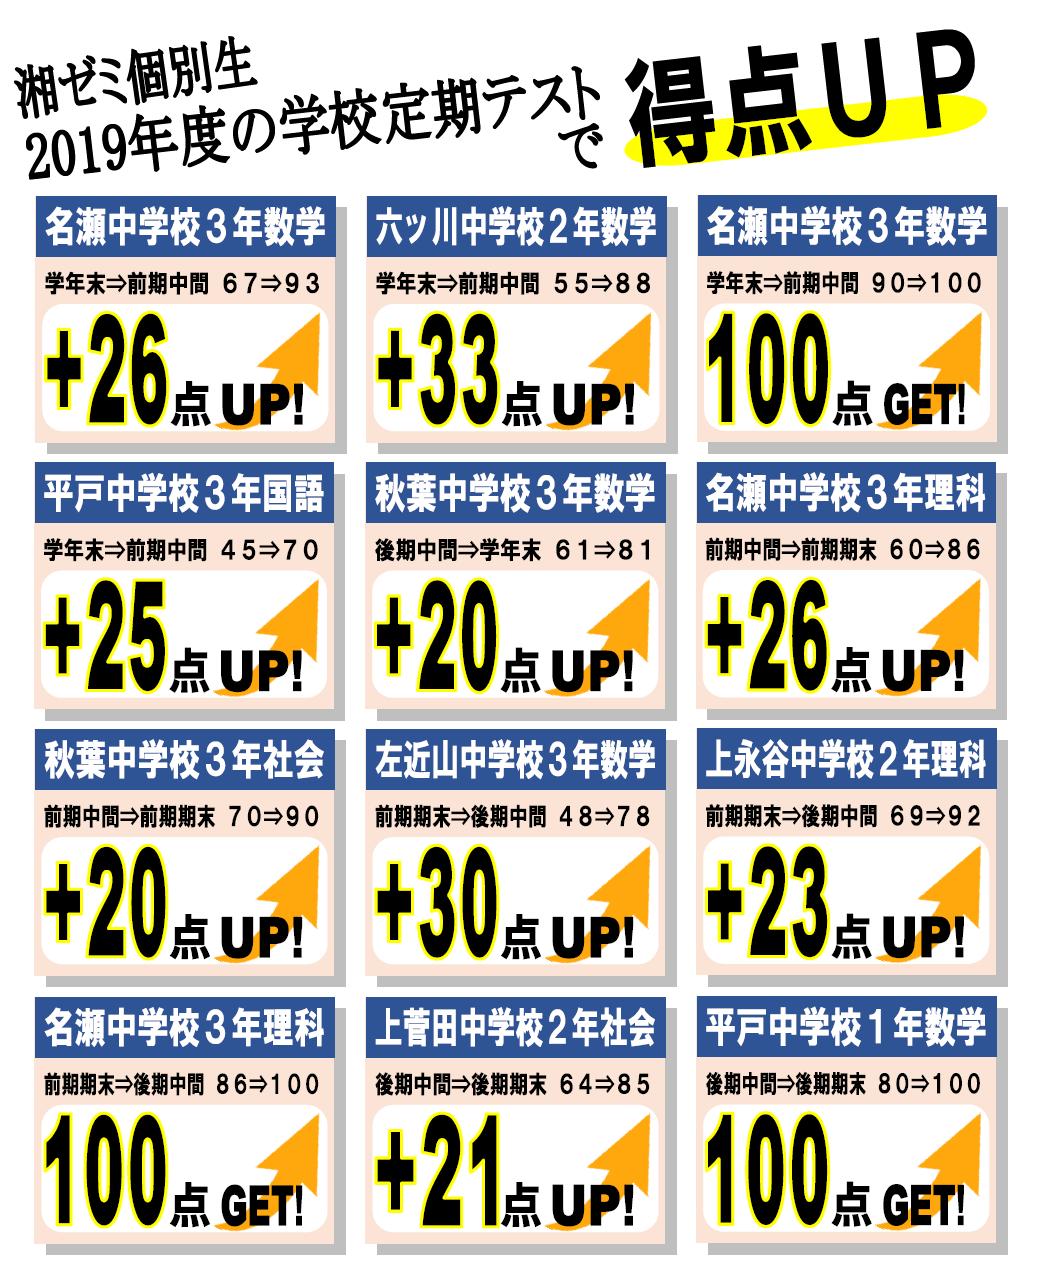 2019成績向上.png